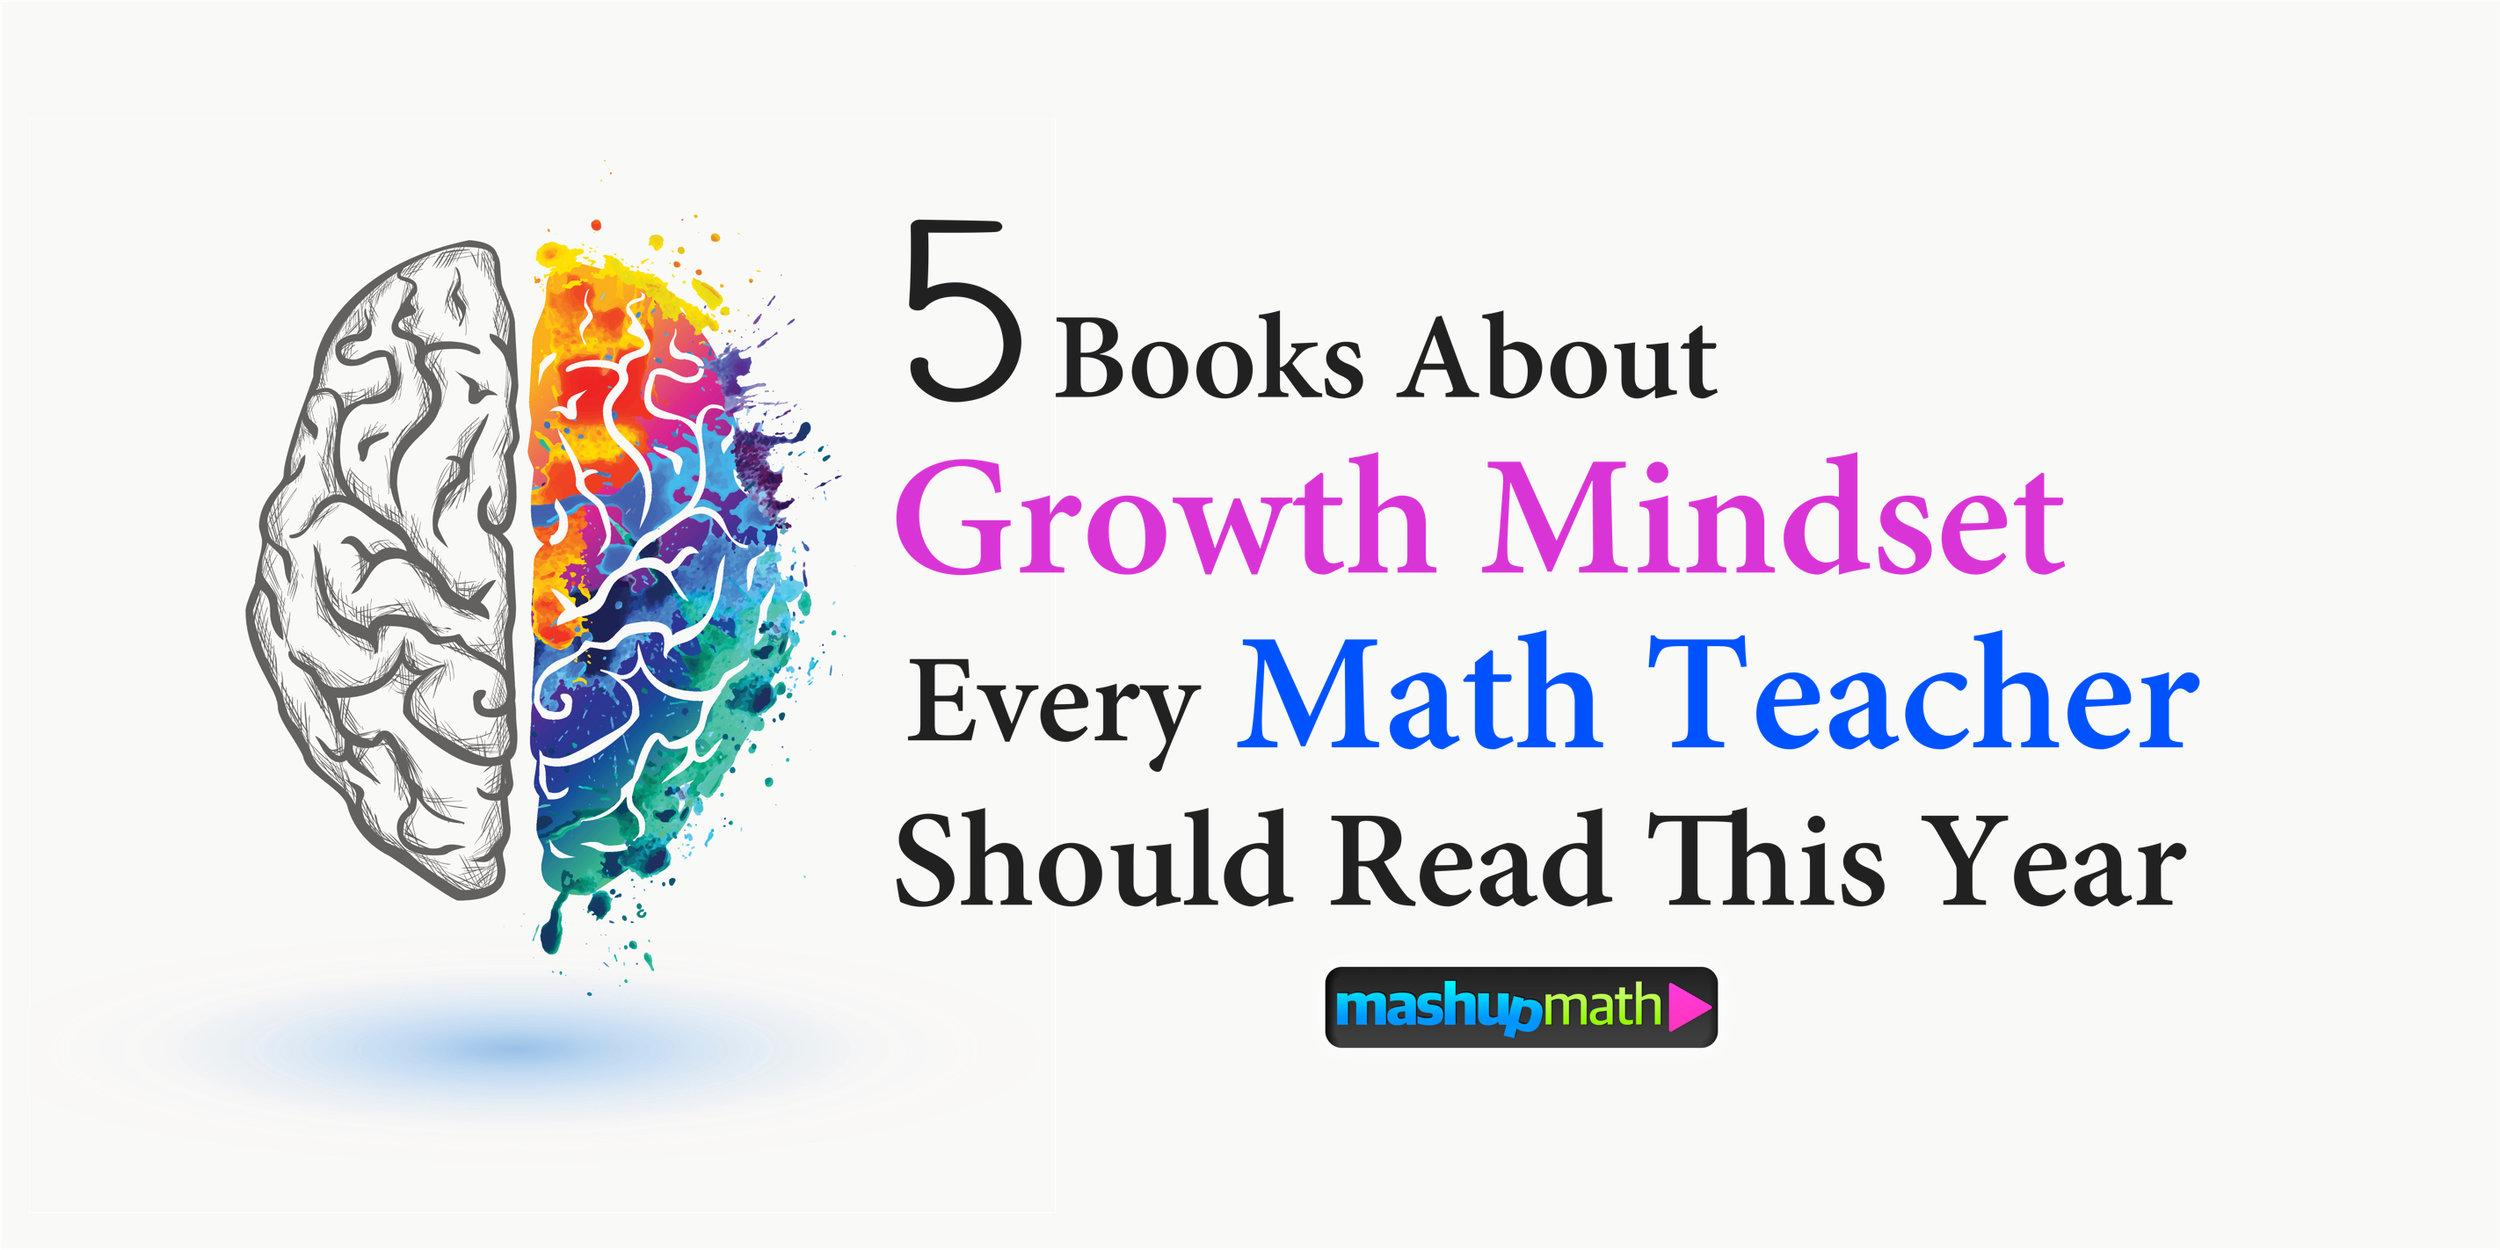 GrowthMindsetBlog.jpg